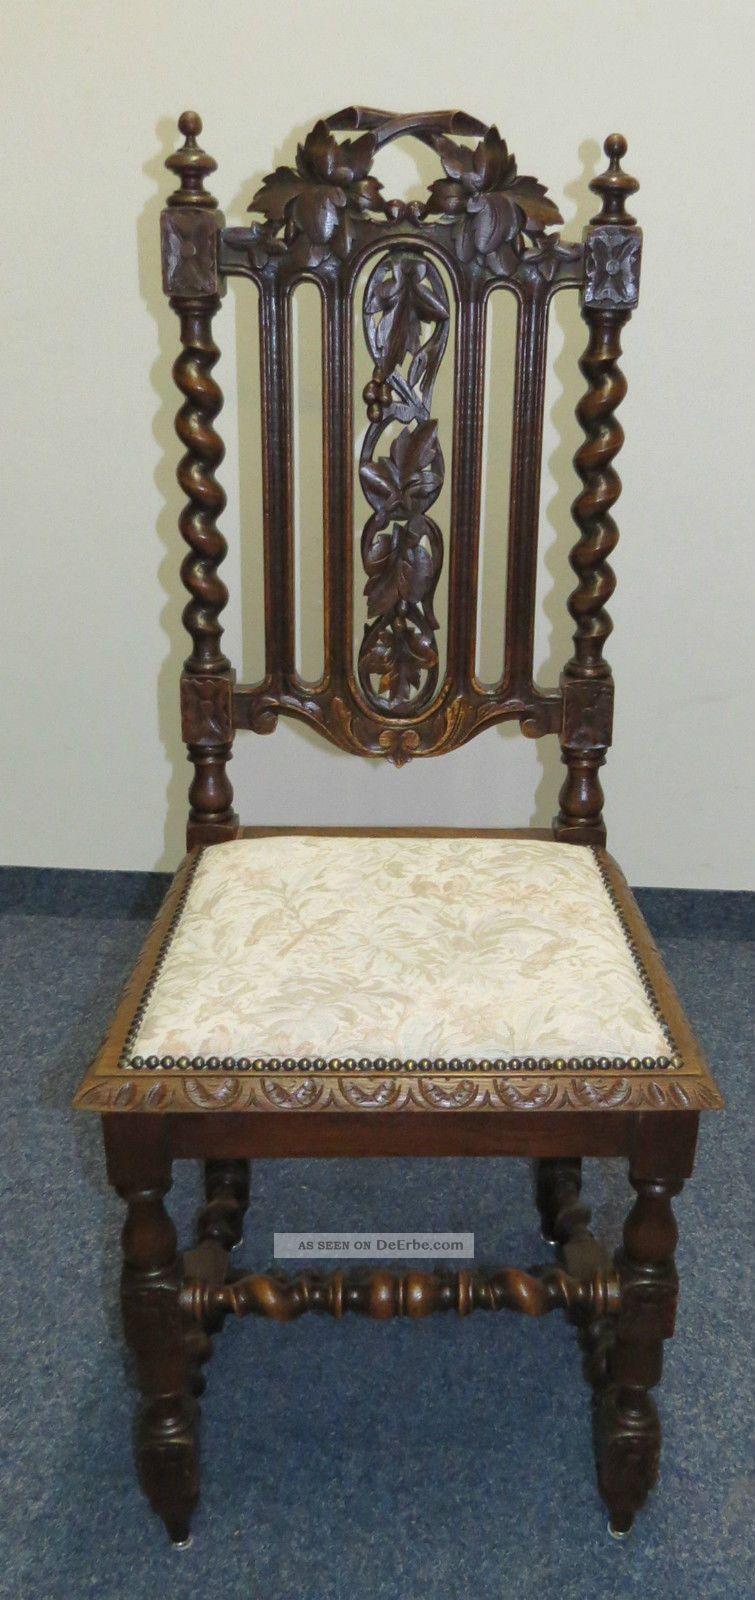 Charmant Esszimmer 1880 Louis Xiii Stil Eiche Aufsatz   Buffet Tisch 6 X Stuhl  Bleiglas